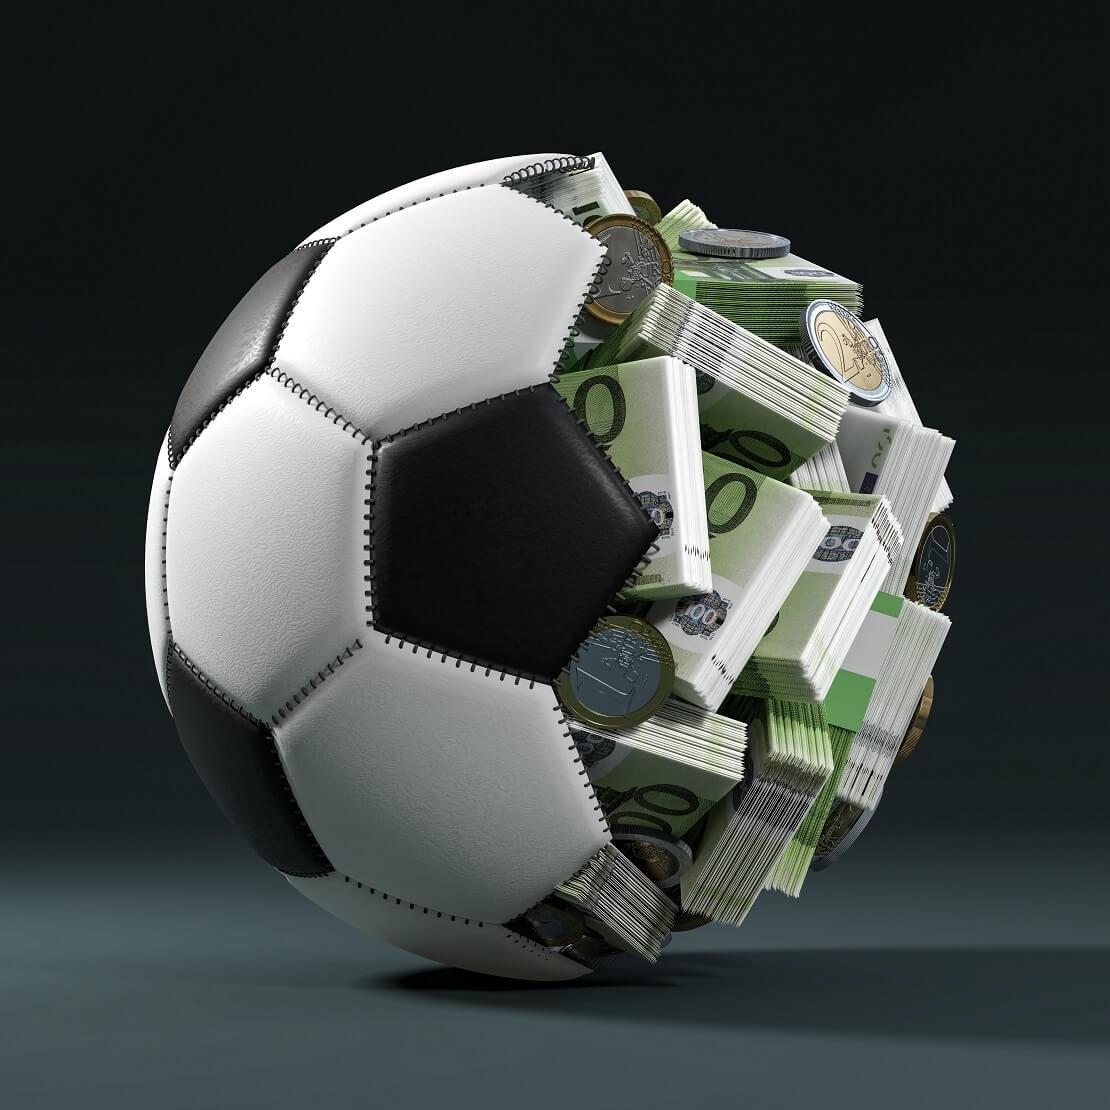 Ein Fußball ist zur Hälfte aufgeplatzt, im Inneren ist Geld